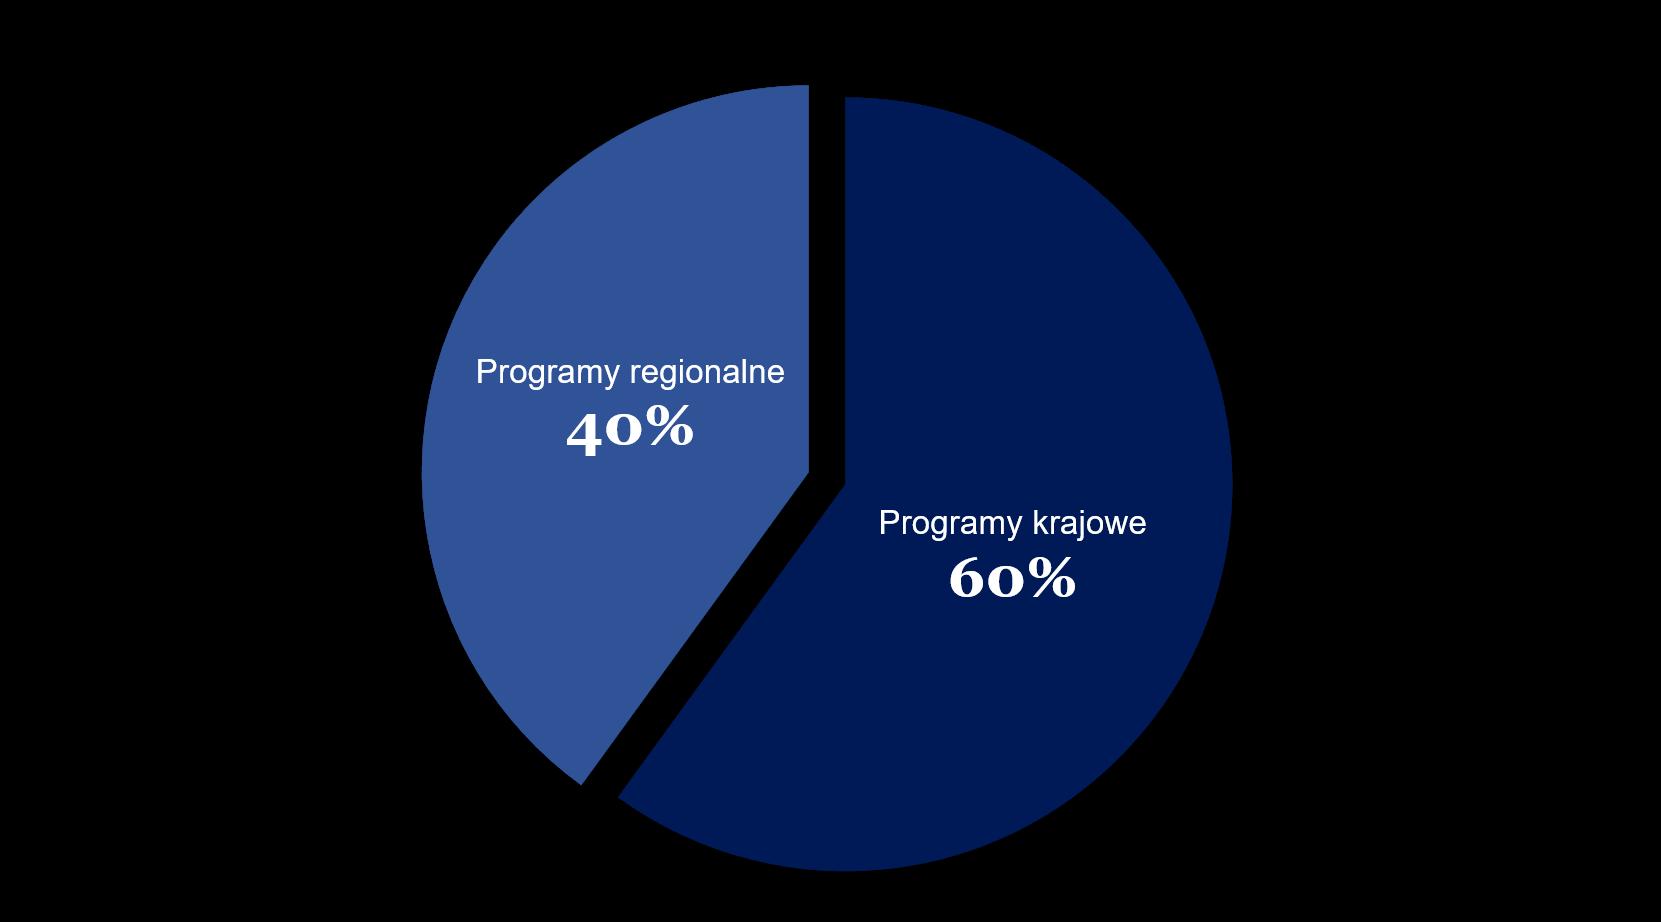 Podział środków na poszczególne programy krajowe i regionalne